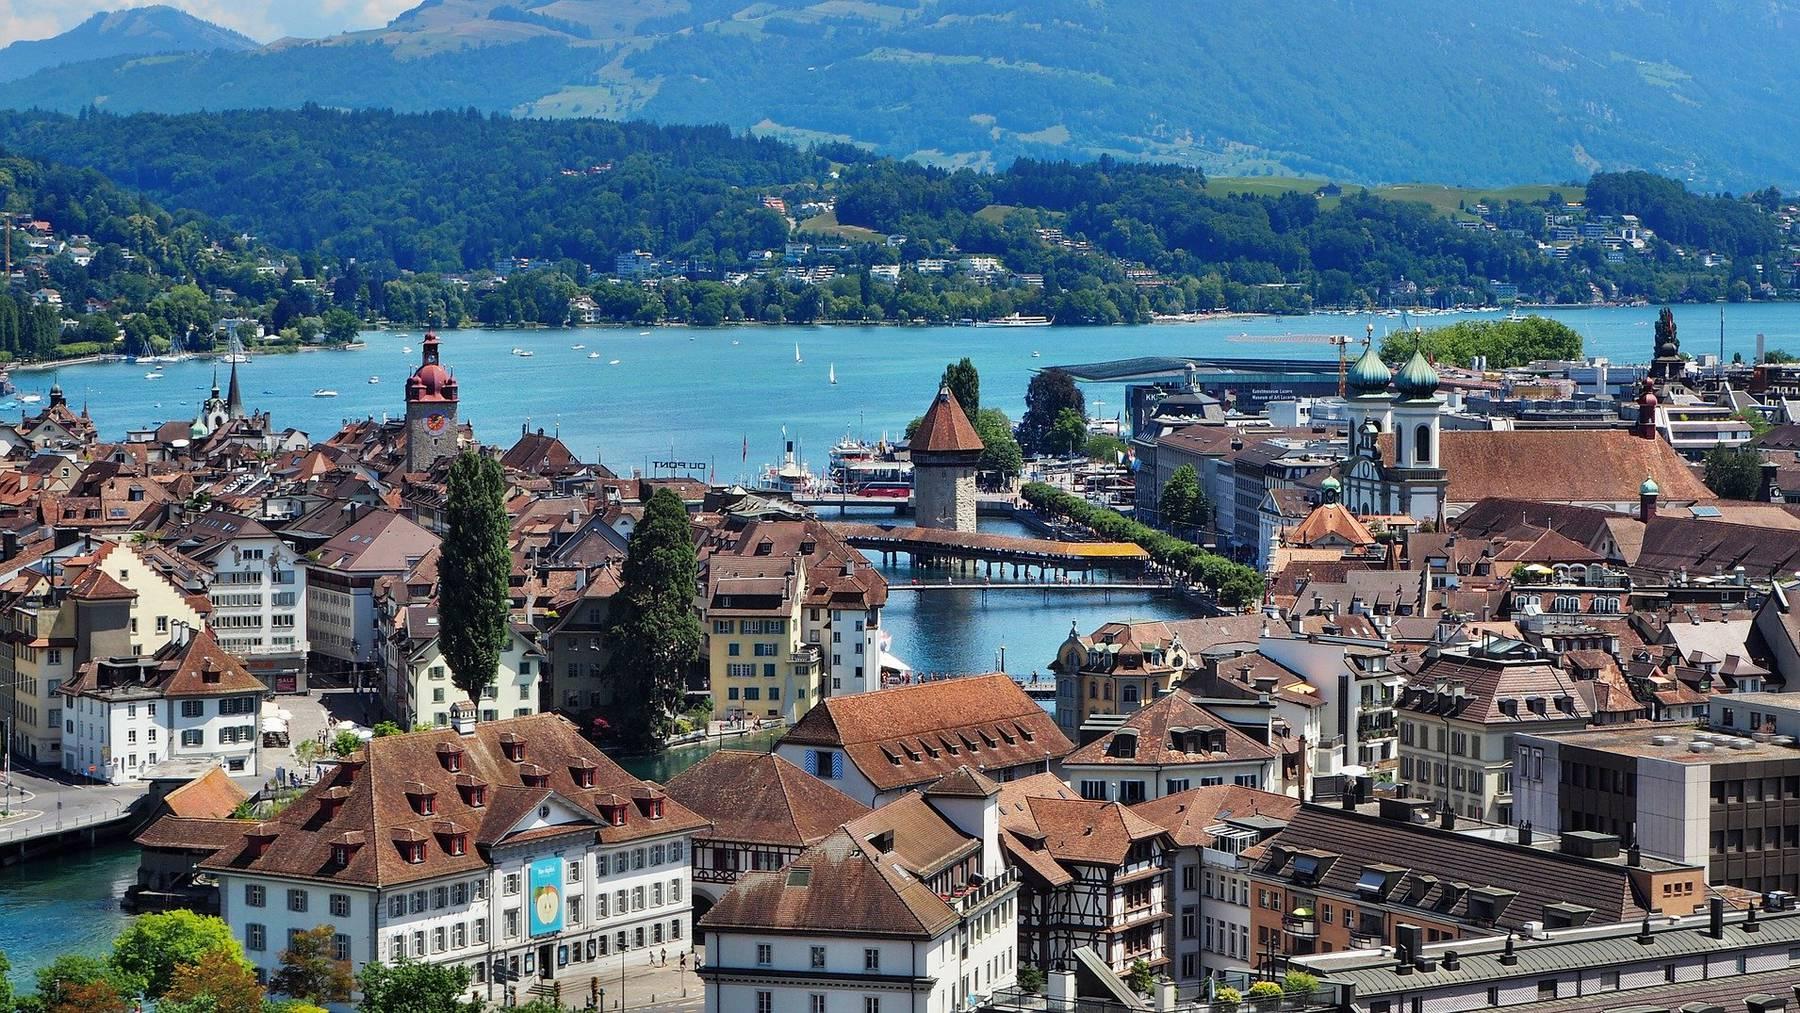 Wieviel weisst du über Luzern